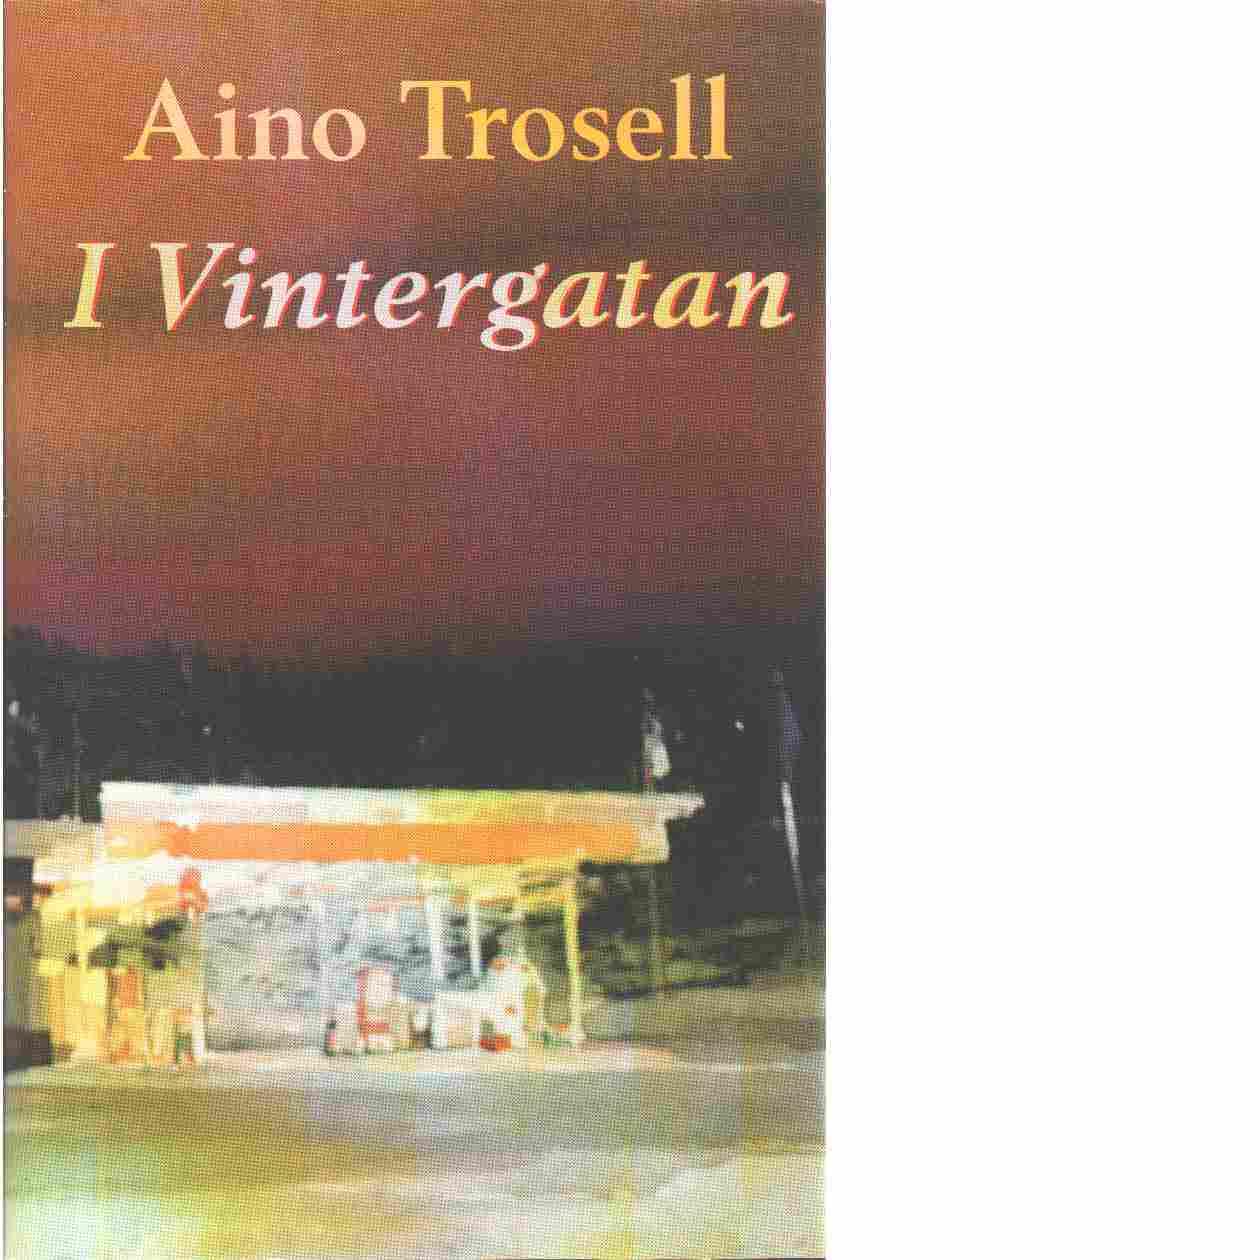 I Vintergatan - Trosell, Aino